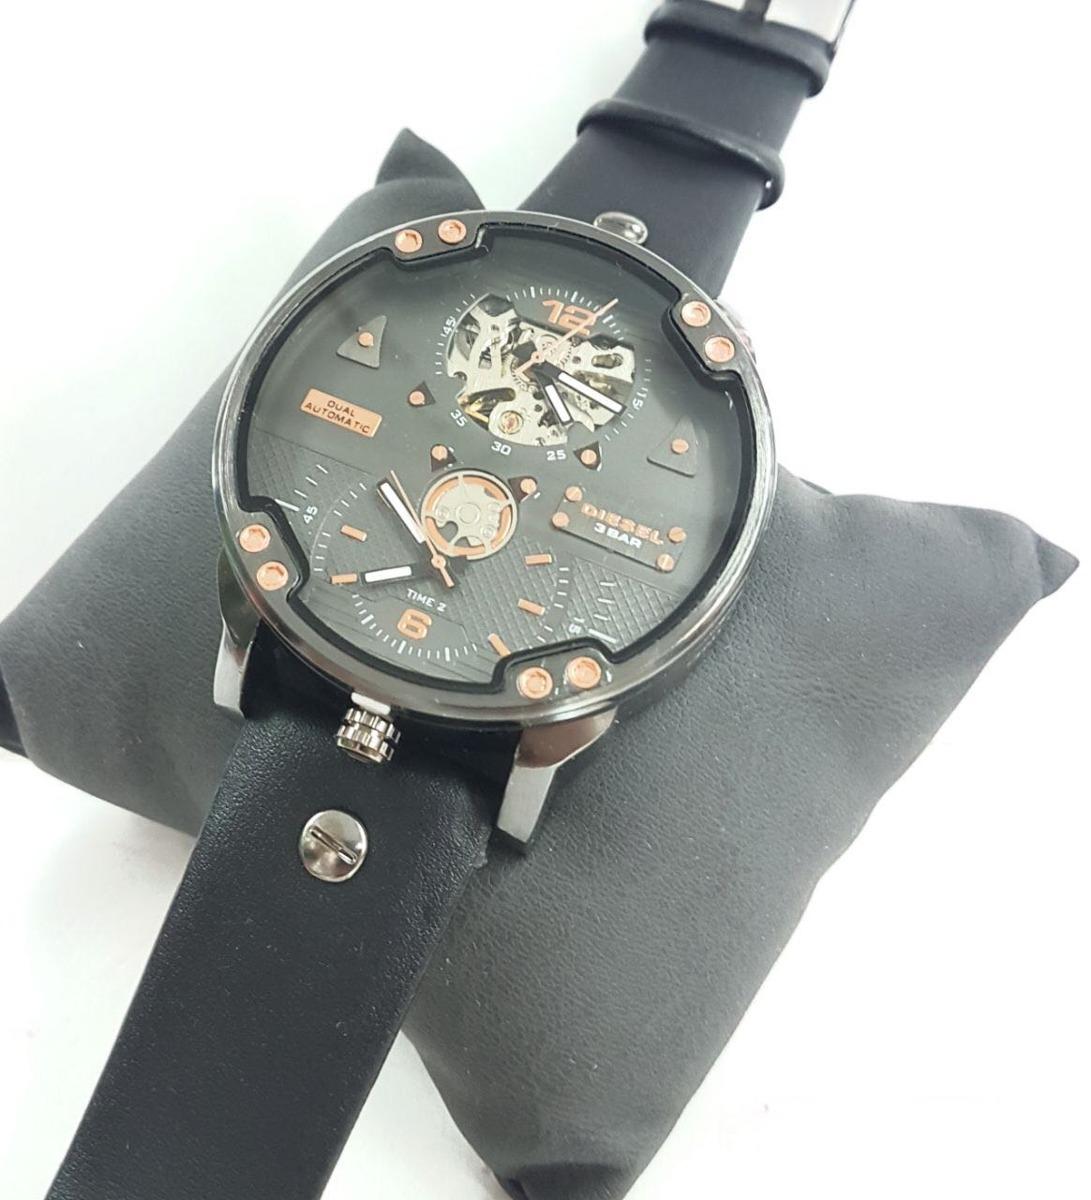 fcb3d4385eb0 Reloj Diesel Automatico -   174.000 en Mercado Libre